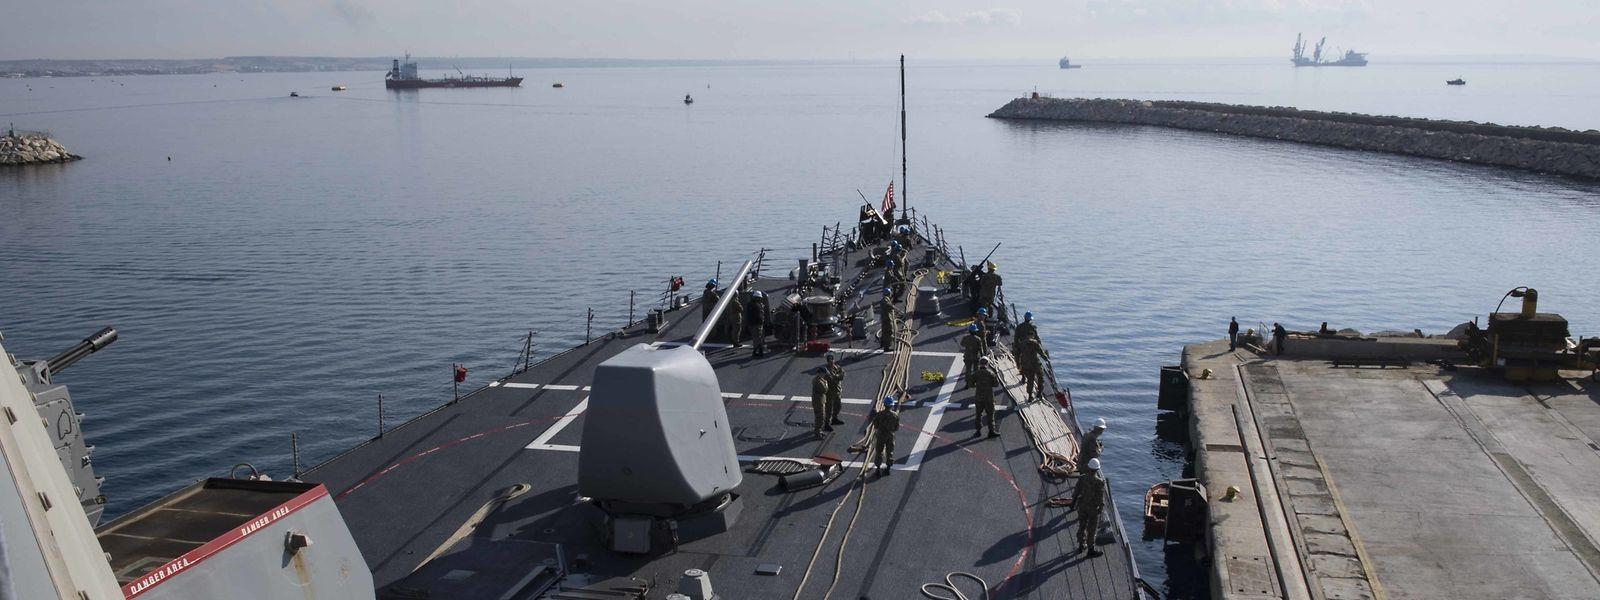 Le destroyer lance-missile USS Donald Cook a quitté le port chypriote de Larnaca et se trouve maintenant dans une zone d'où il peut facilement frapper la Syrie.